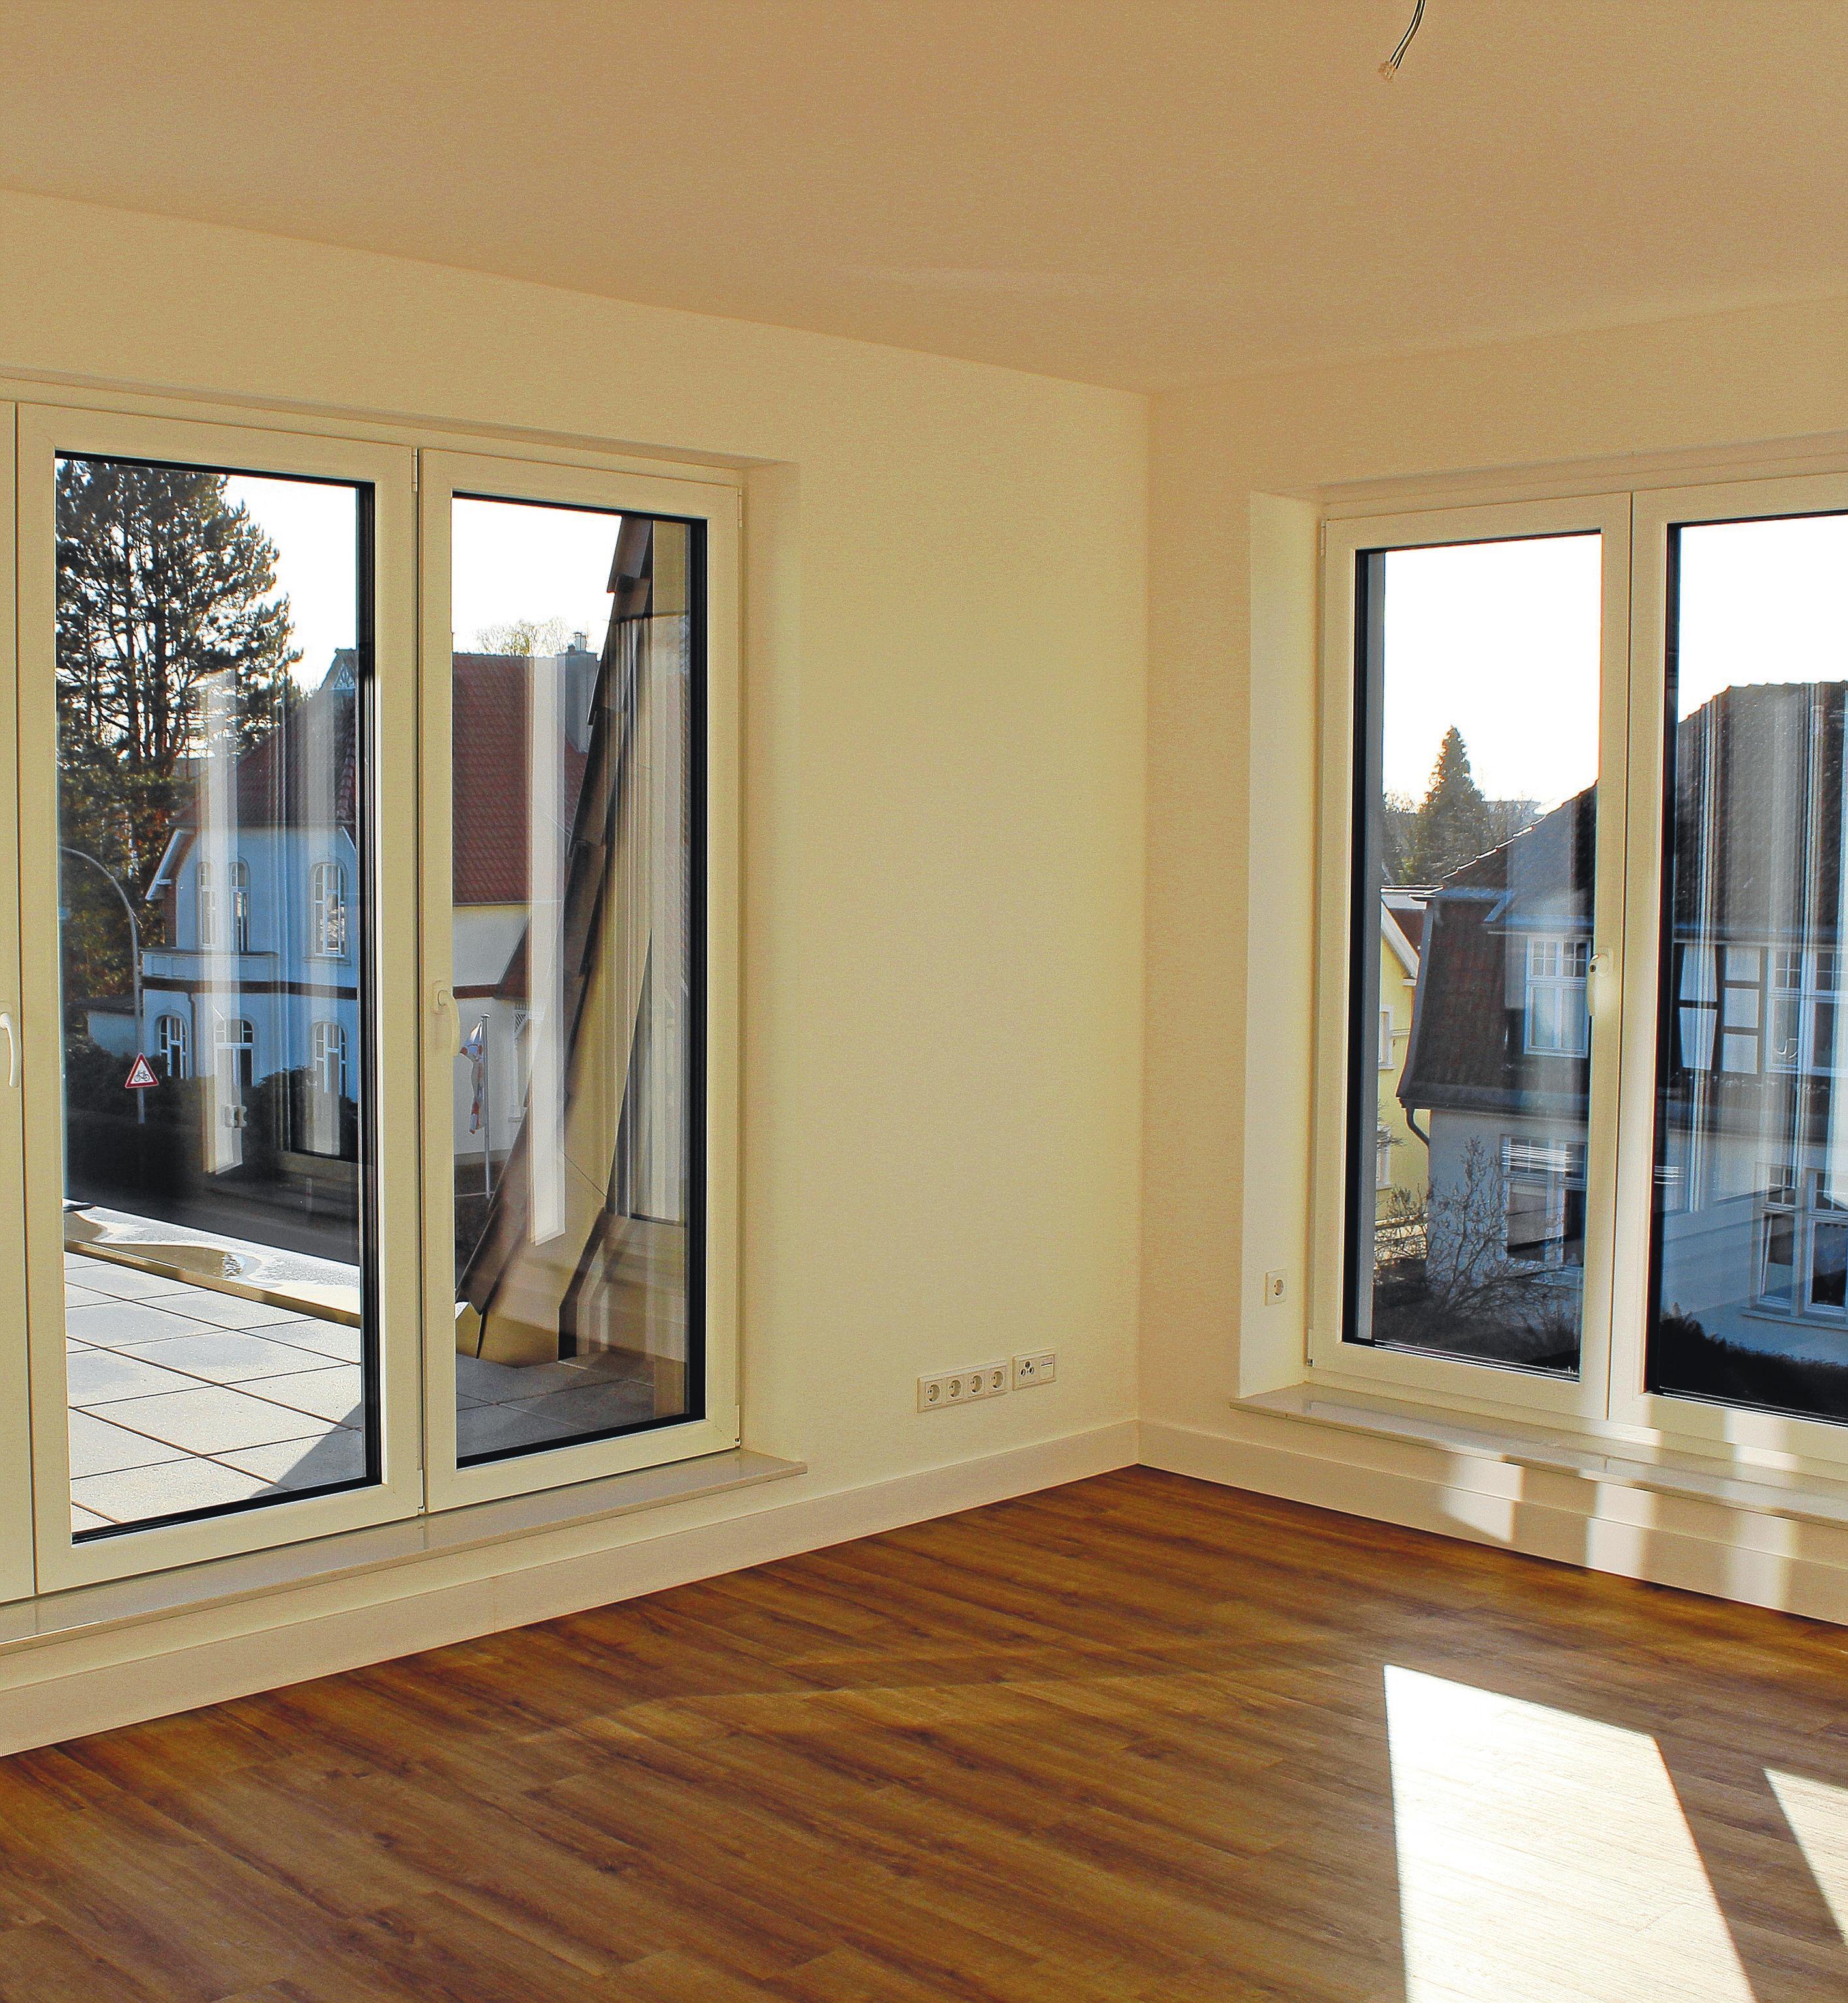 Bodentiefe Fenster sorgen für wunderbar helle Wohnungen